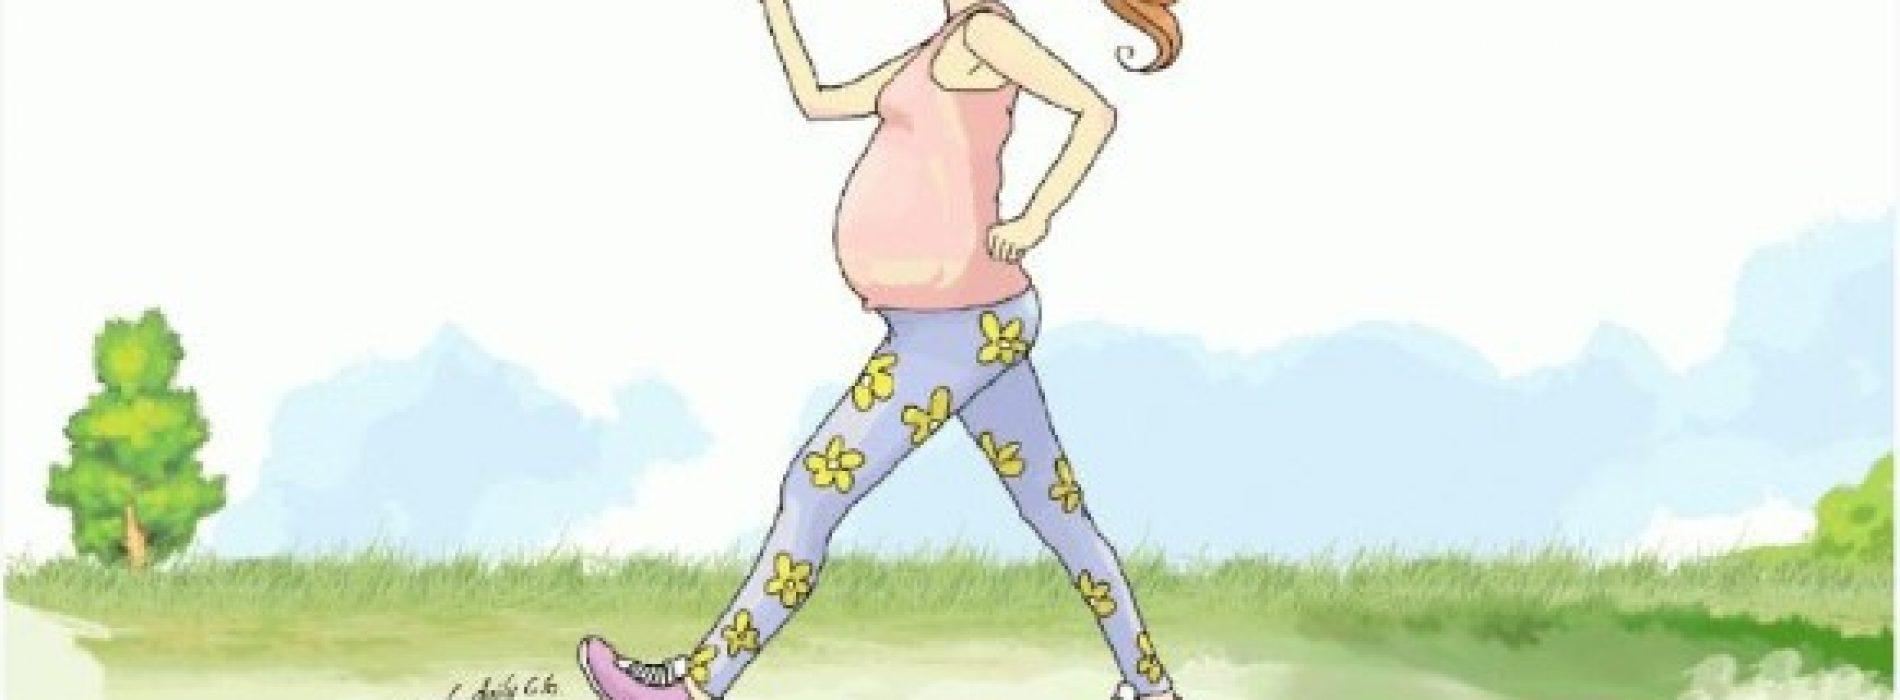 減腰痛 助分娩 產前運動加快產後收身